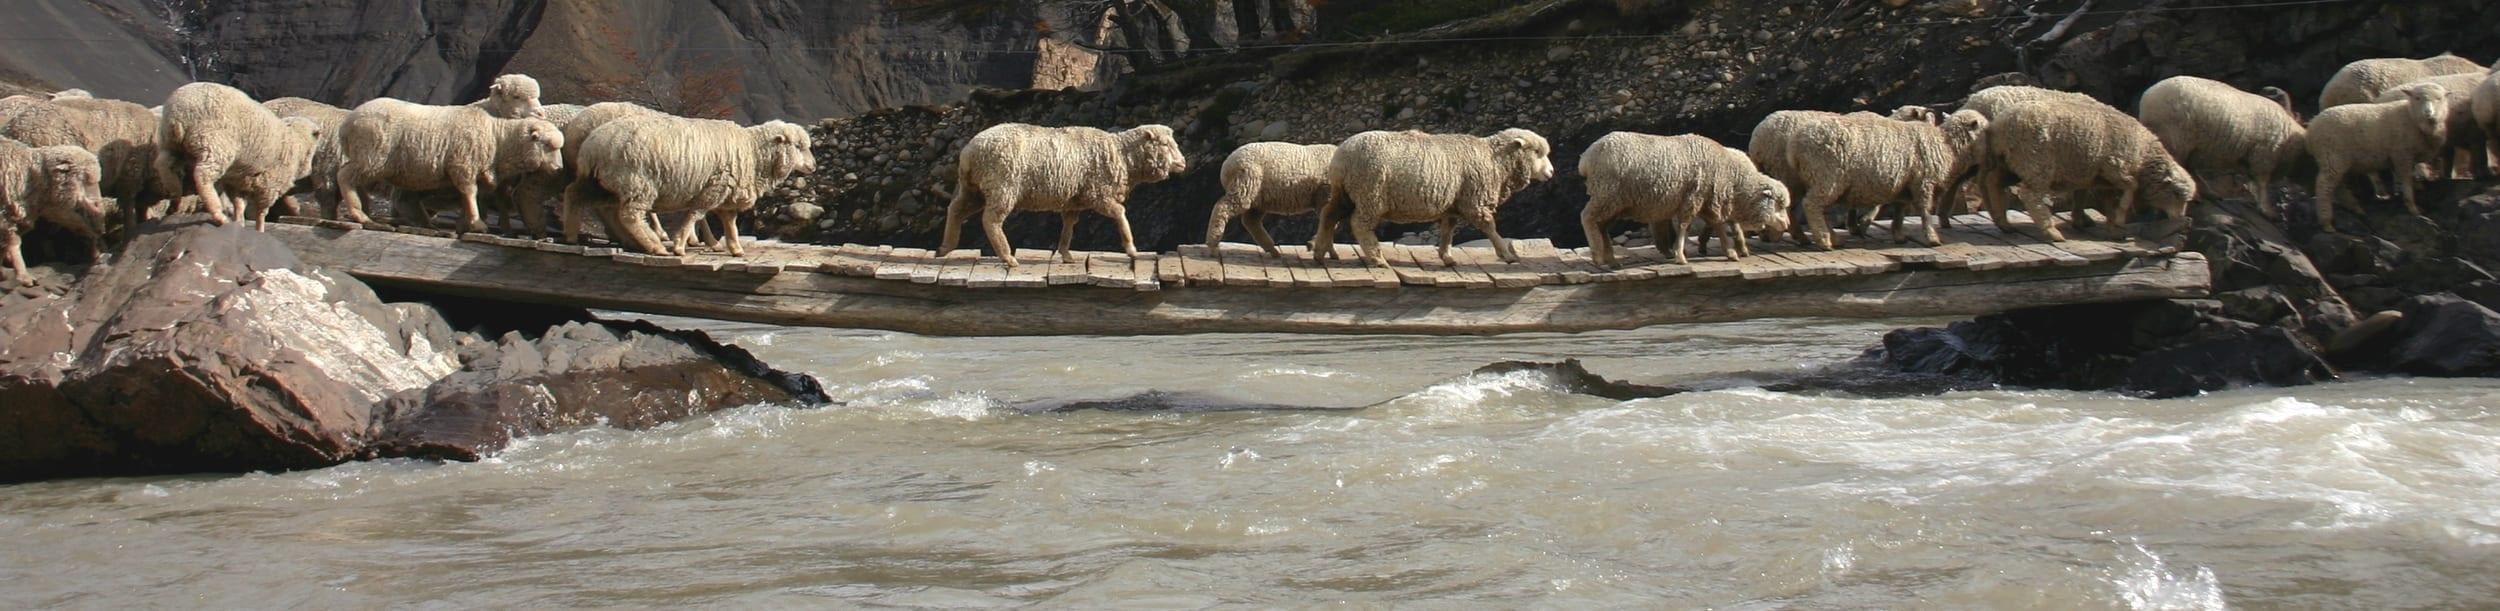 Merino-schapen-de-leveranciers-voor-een-comfortabele-elastische-en-sterke-wol